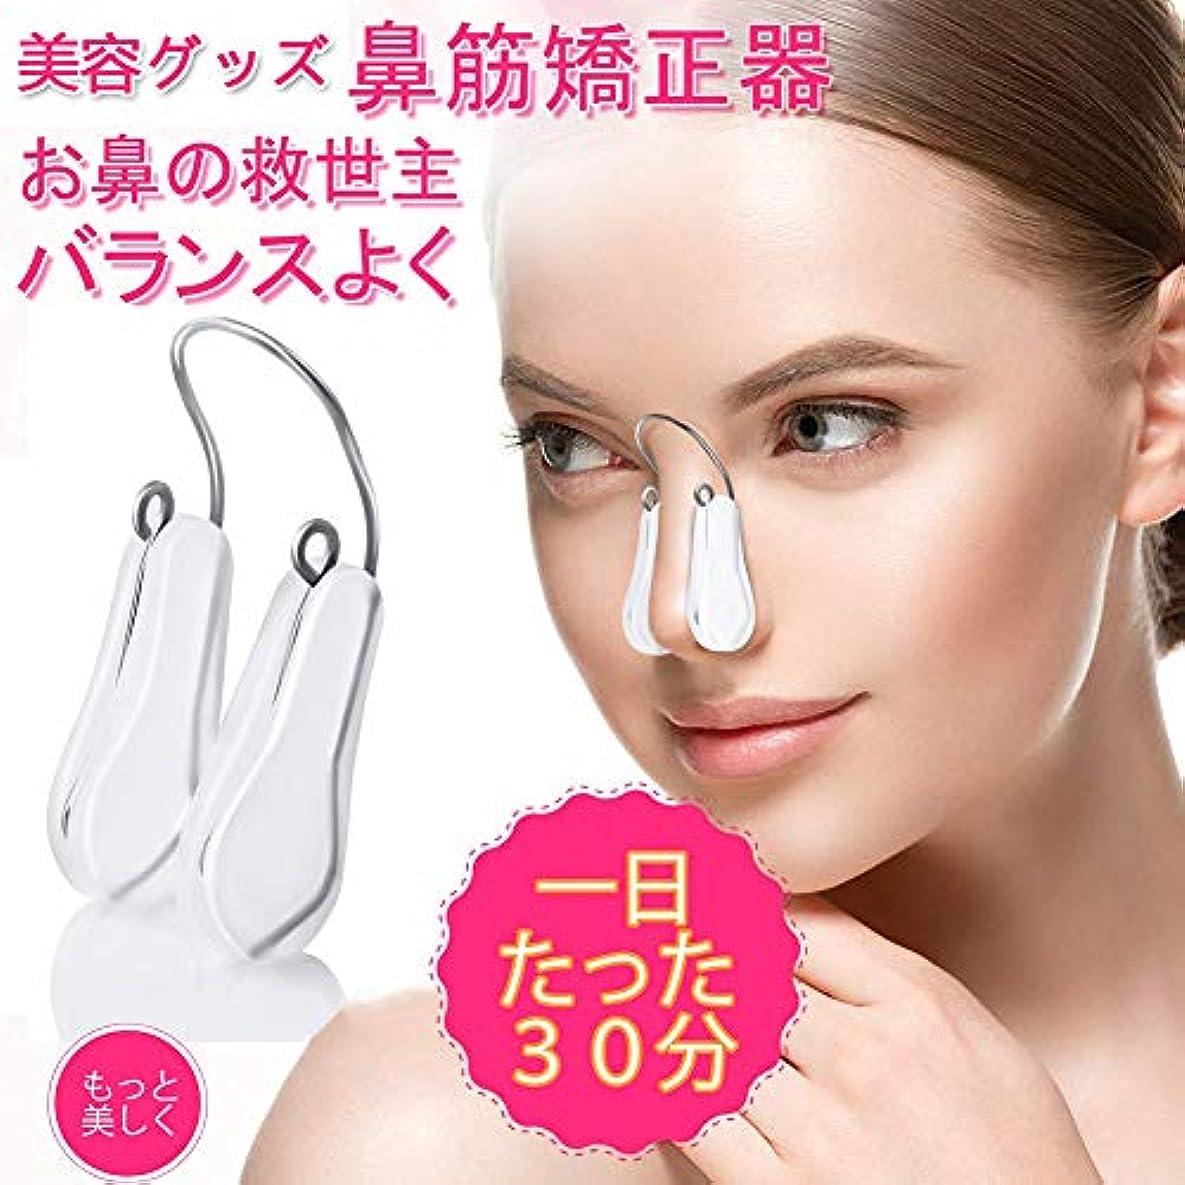 ラジカルましい影響鼻筋矯正 鼻高くする 鼻筋ピン ノーズクリップ 美容グッズ ノーズアップピン 美鼻セレブ 鼻プチ 男女共有